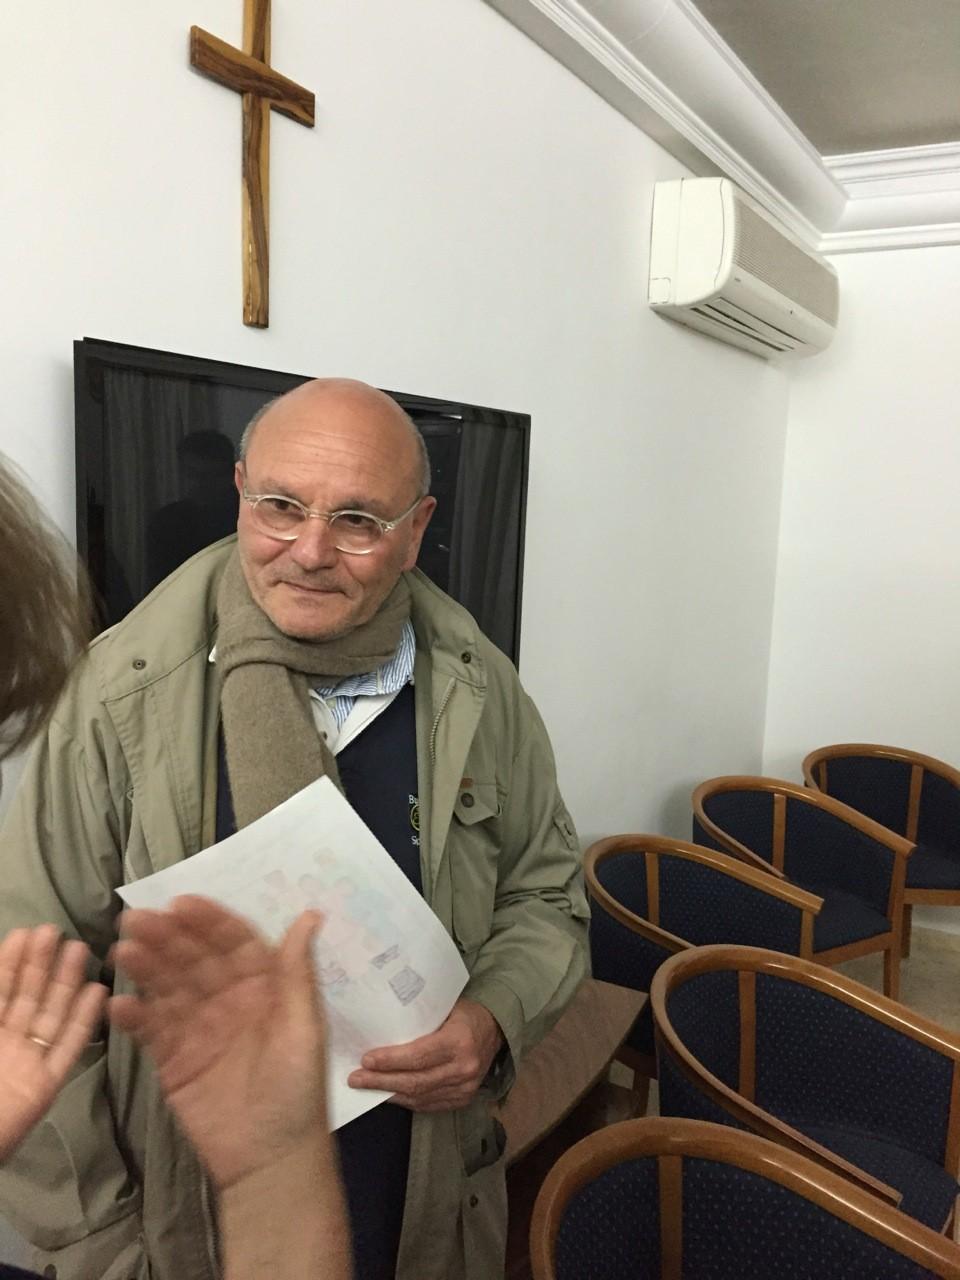 Nous avons eu une conférence passionnante du P. Luc Pareydt, s.j., Conseiller pour les affaires religieuses » au Consulat général de France à Jérusalem